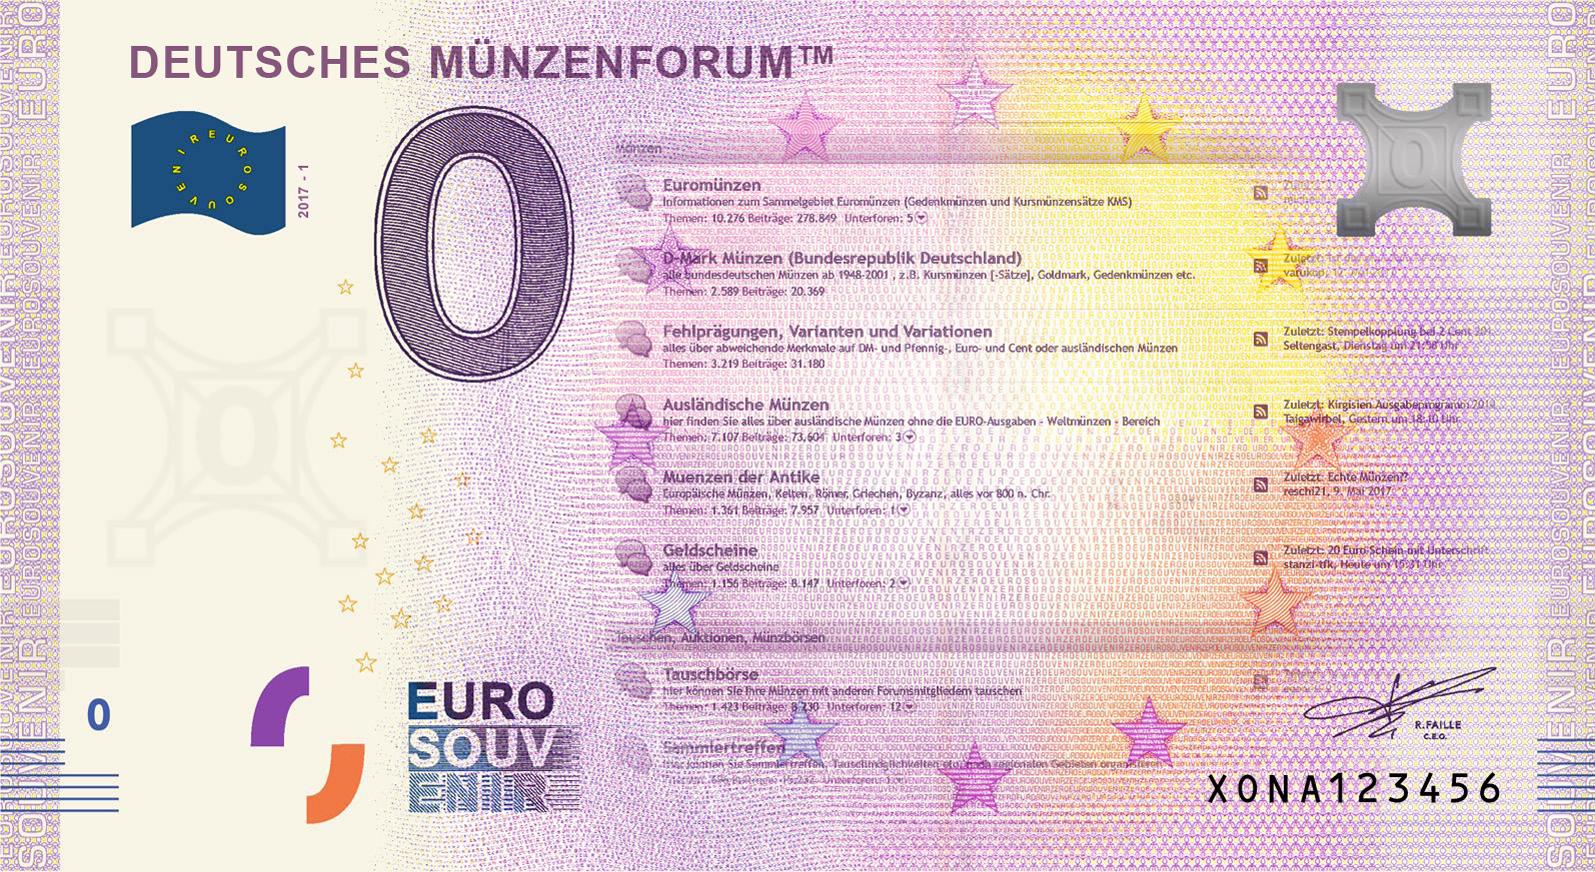 Euroschein-Souvenir-Münzforum.jpg